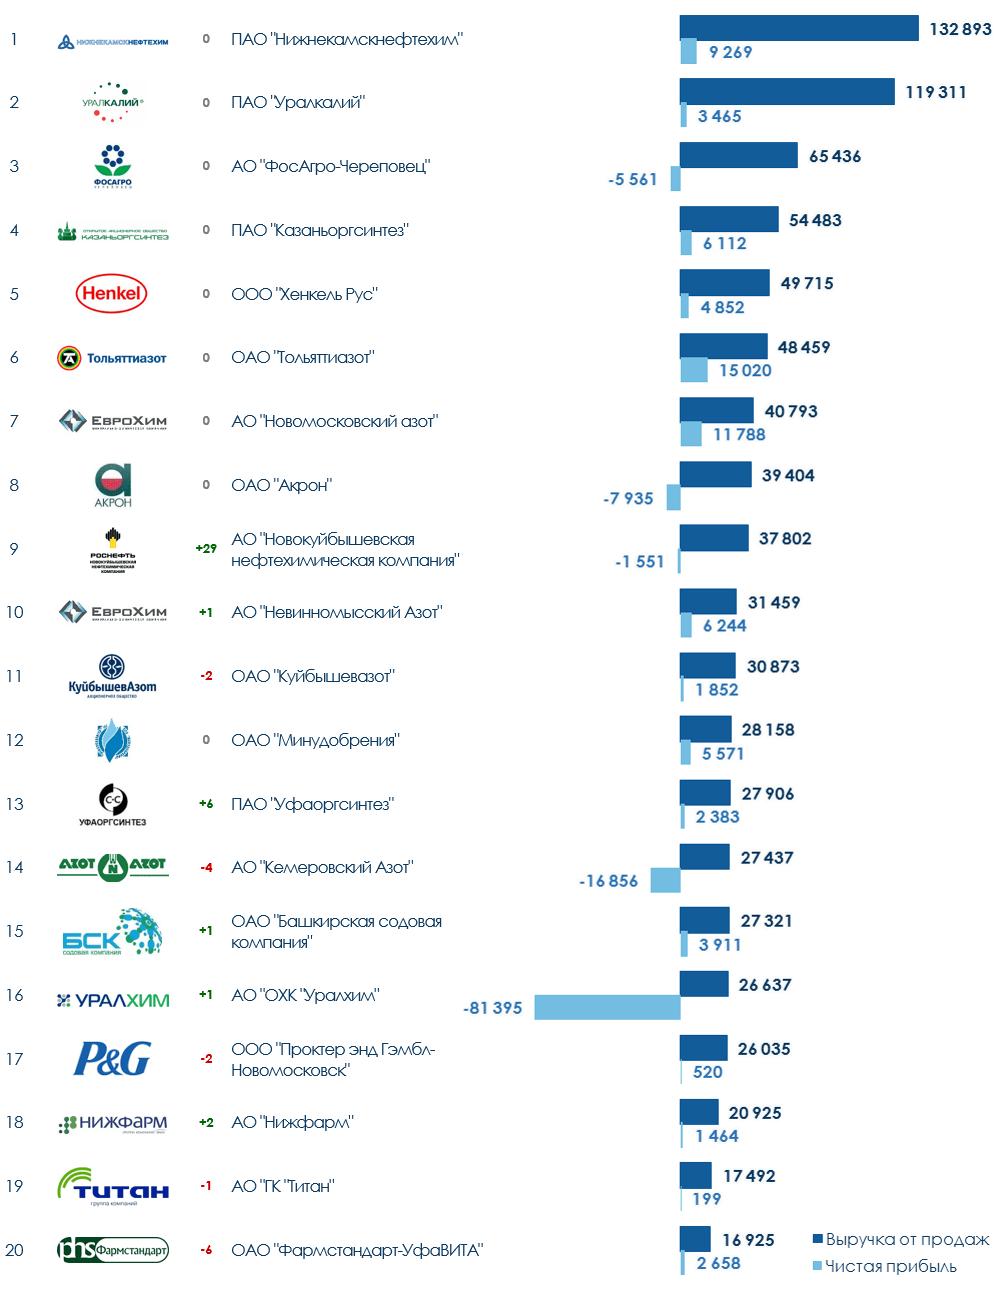 ТОП-20 компаний химической промышленности России